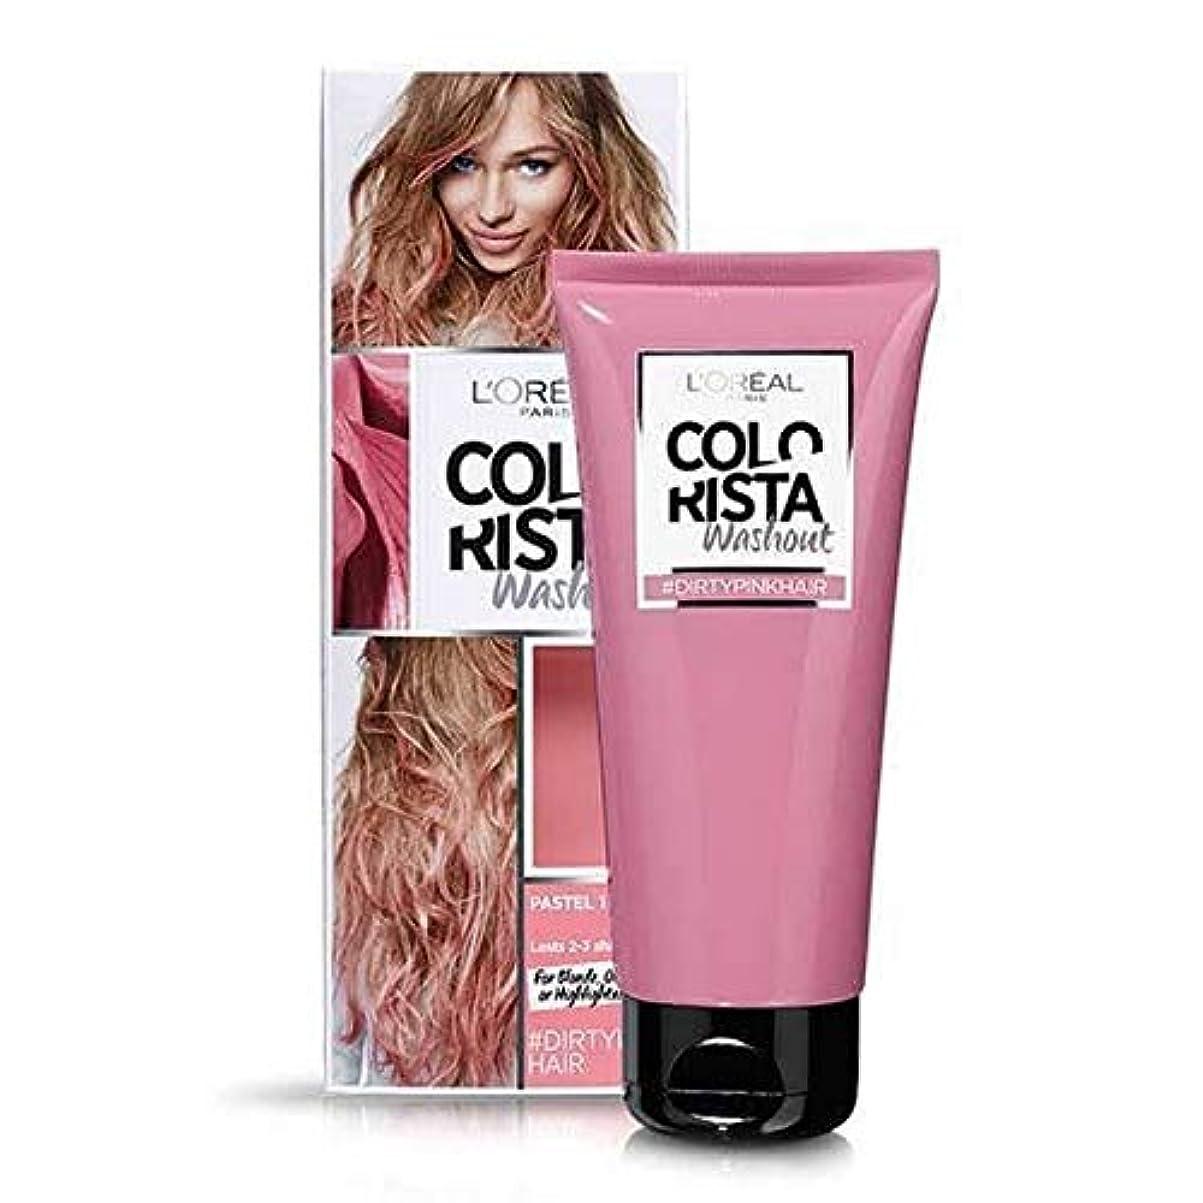 盲目腐ったおしゃれな[Colorista] Colorista洗い出し汚いピンク半永久染毛剤 - Colorista Washout Dirty Pink Semi-Permanent Hair Dye [並行輸入品]